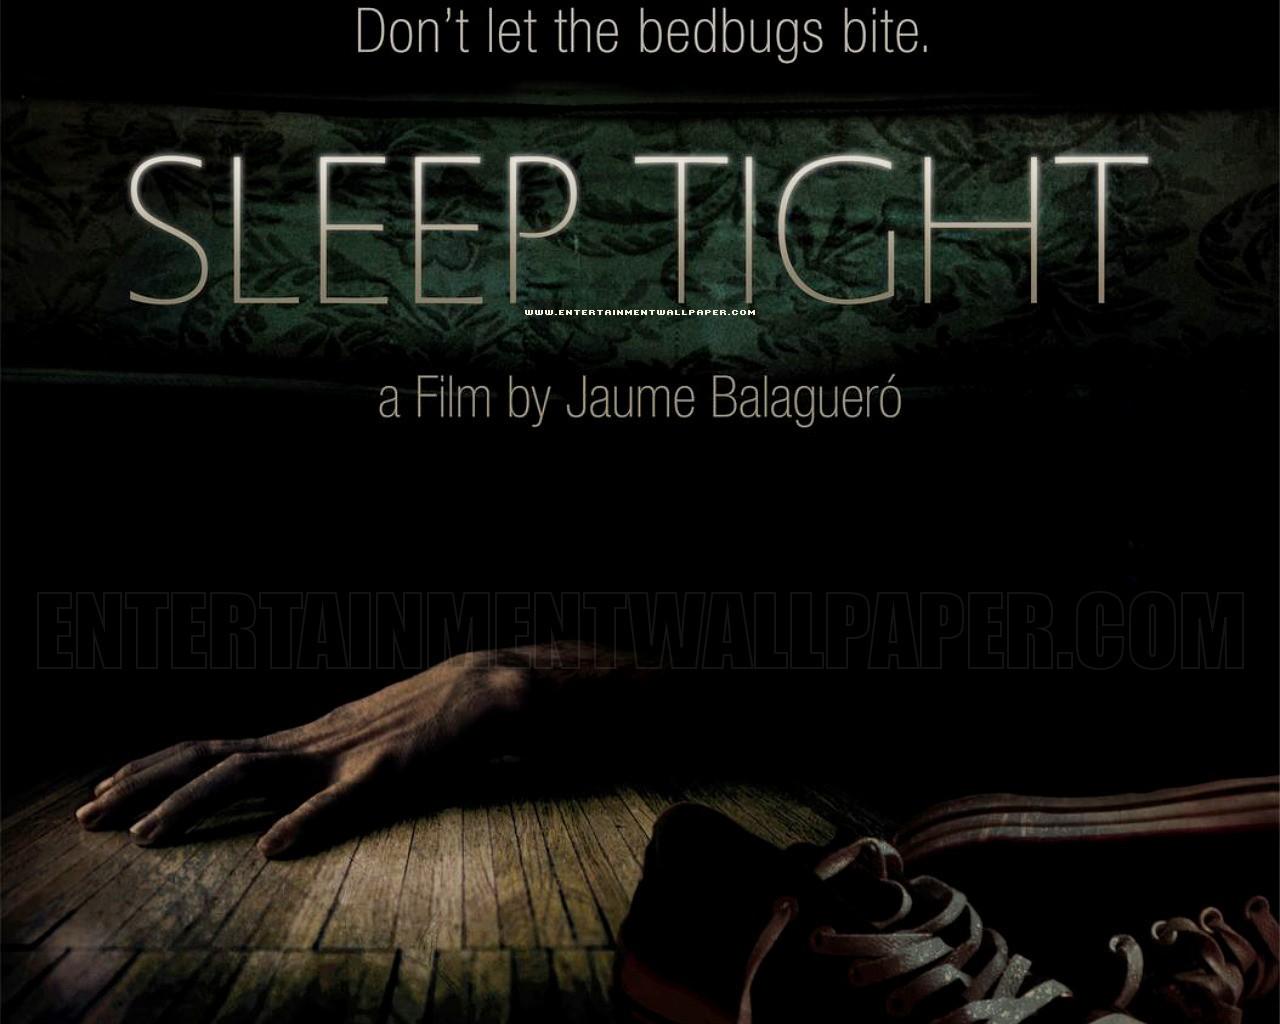 sleep-tight02